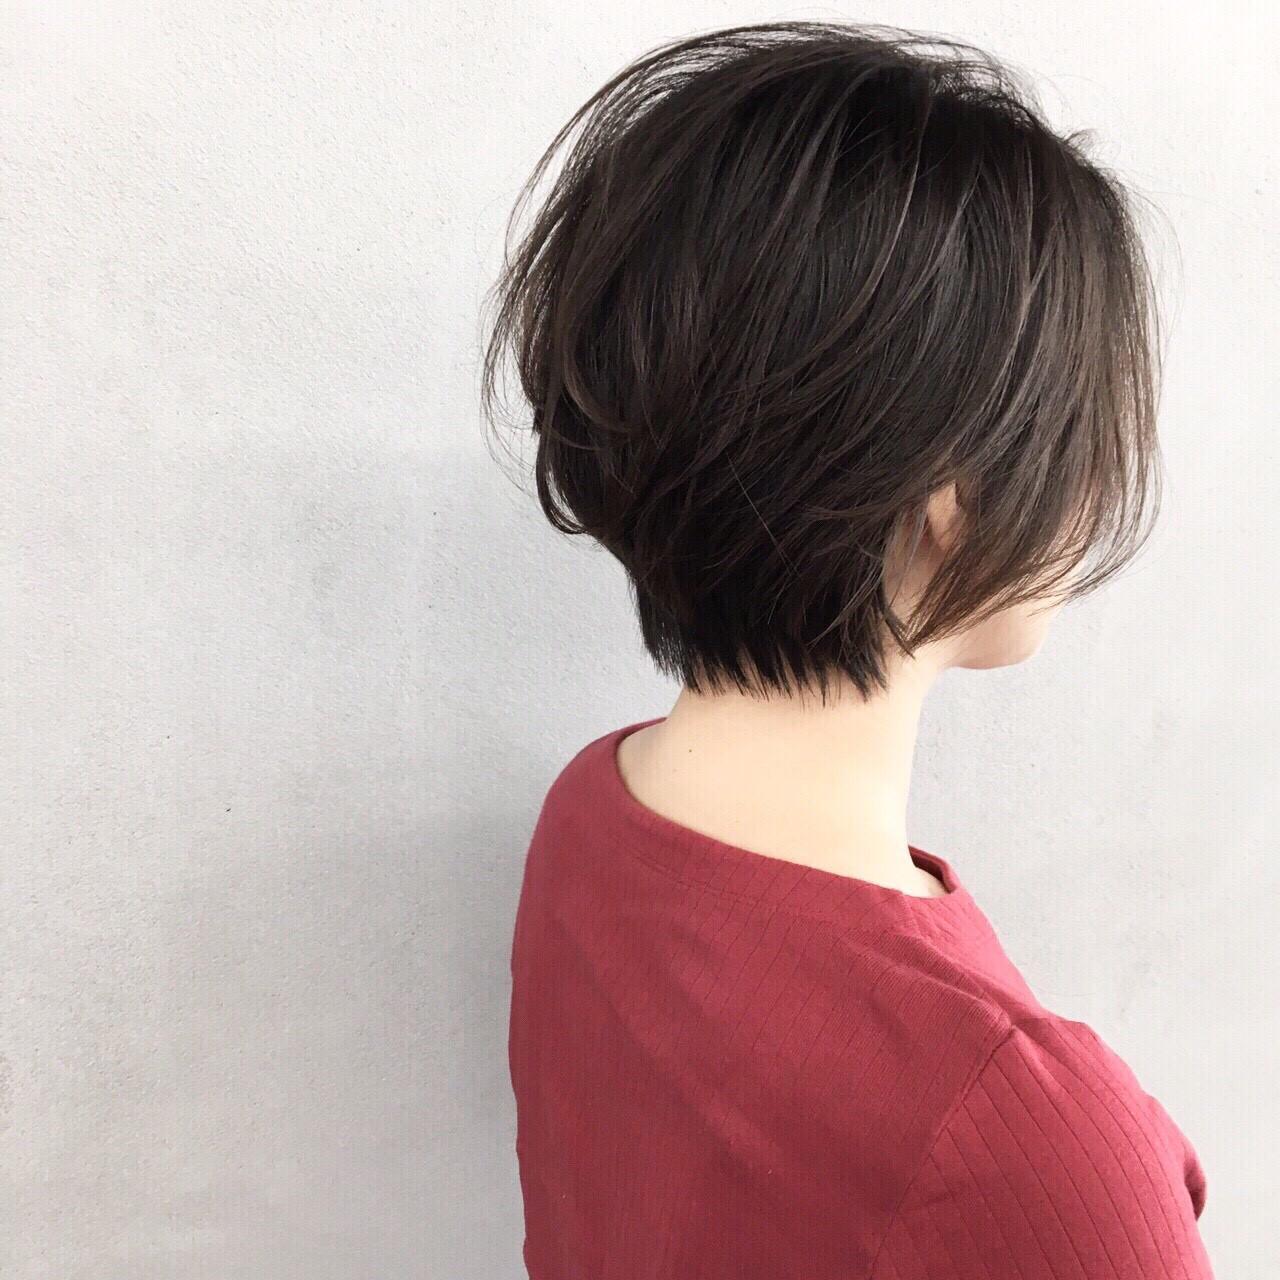 ナチュラル 耳かけ ショート ブルージュ ヘアスタイルや髪型の写真・画像